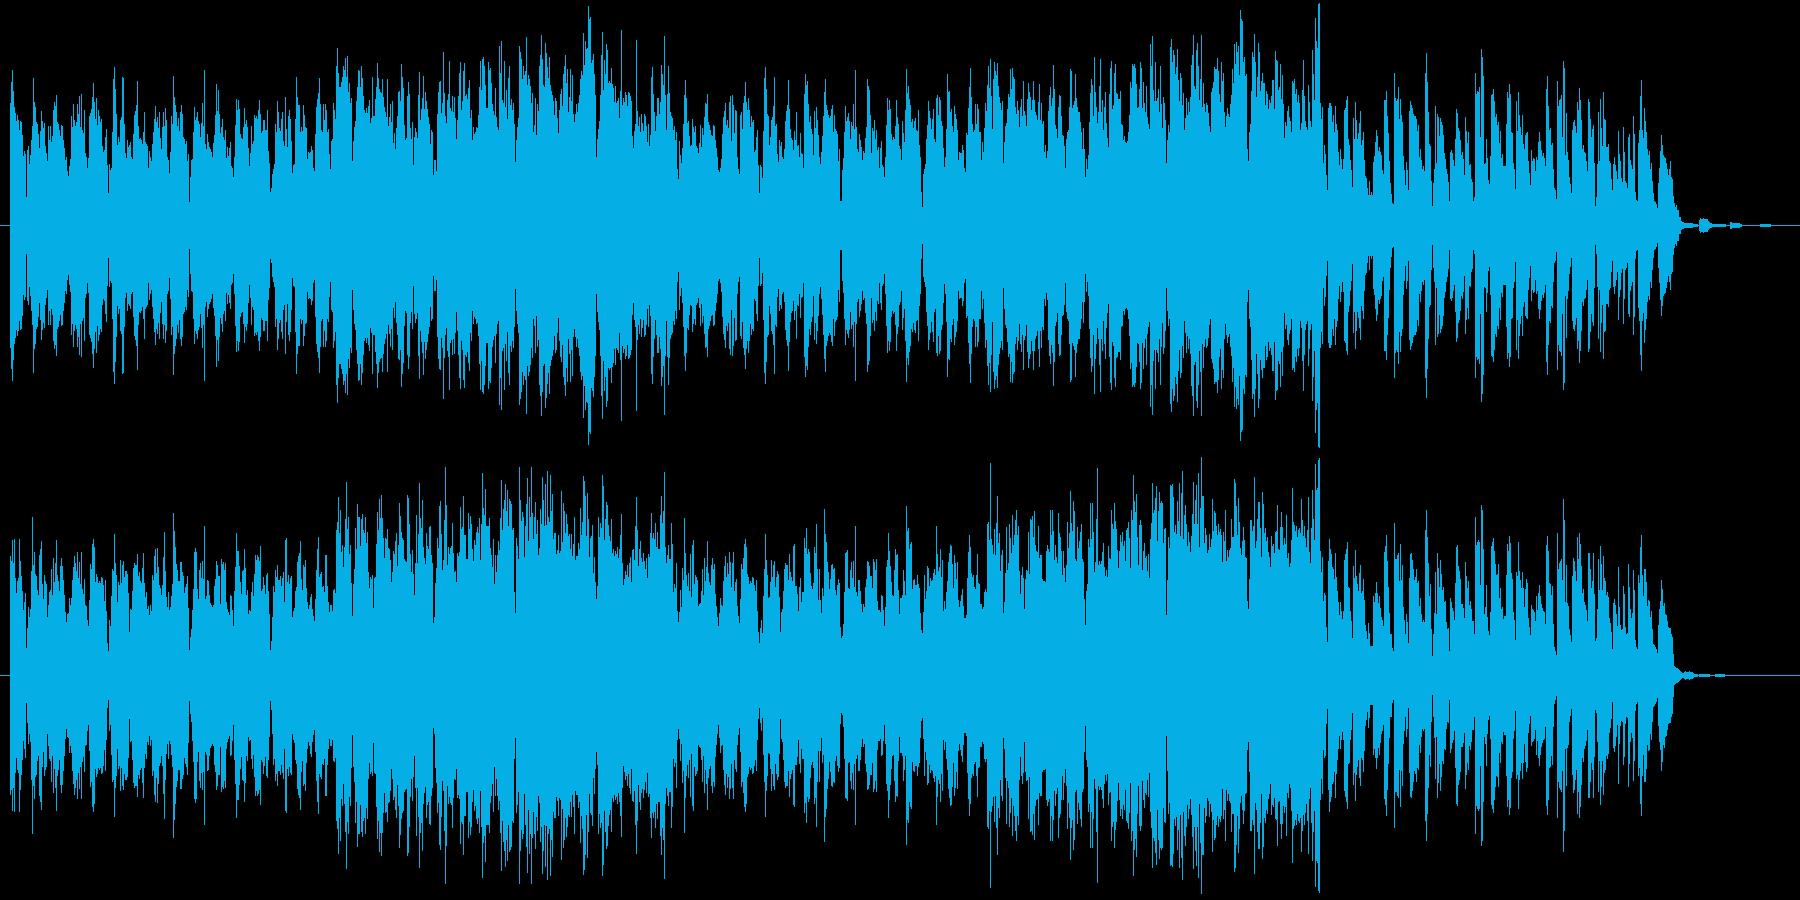 エレクトロ、トランス的なロックの再生済みの波形